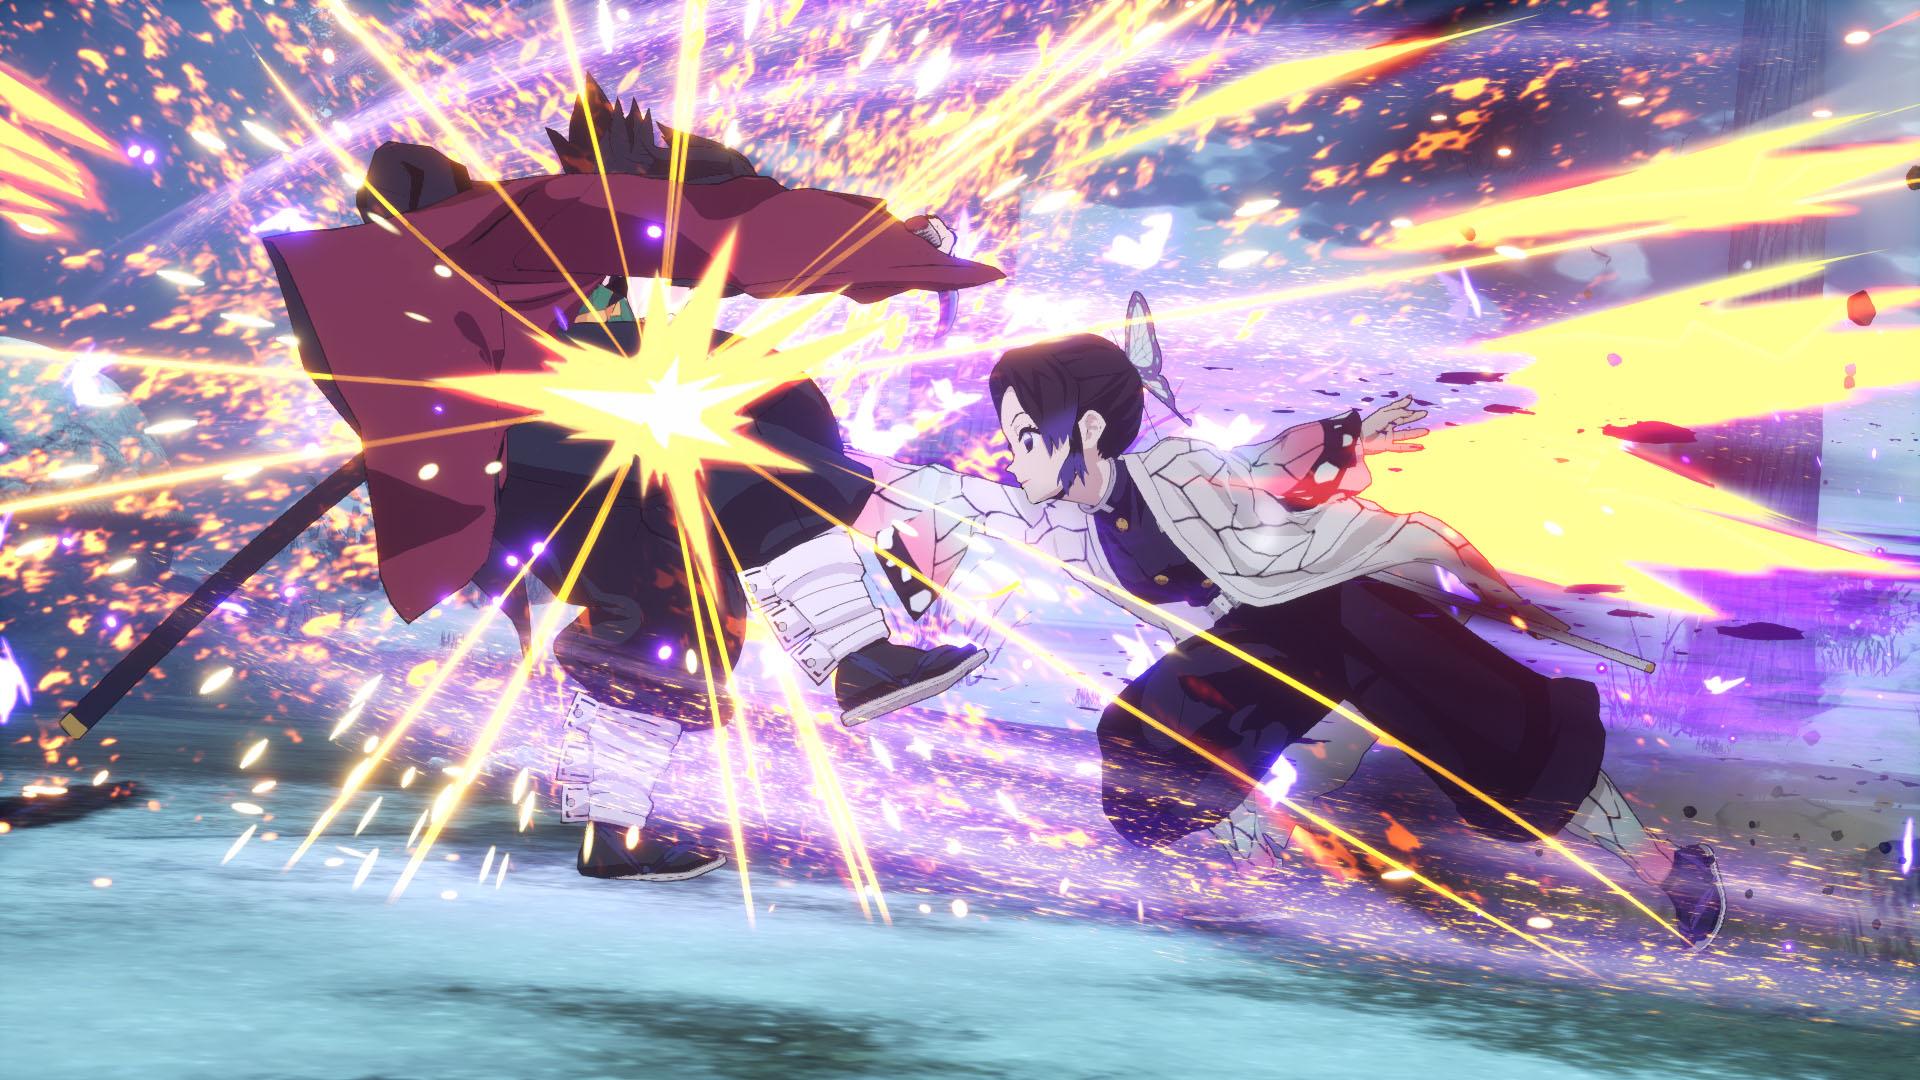 Kimetsu no Yaiba Hinokami Keppuutan Demon Slayer 01 10 05 2021